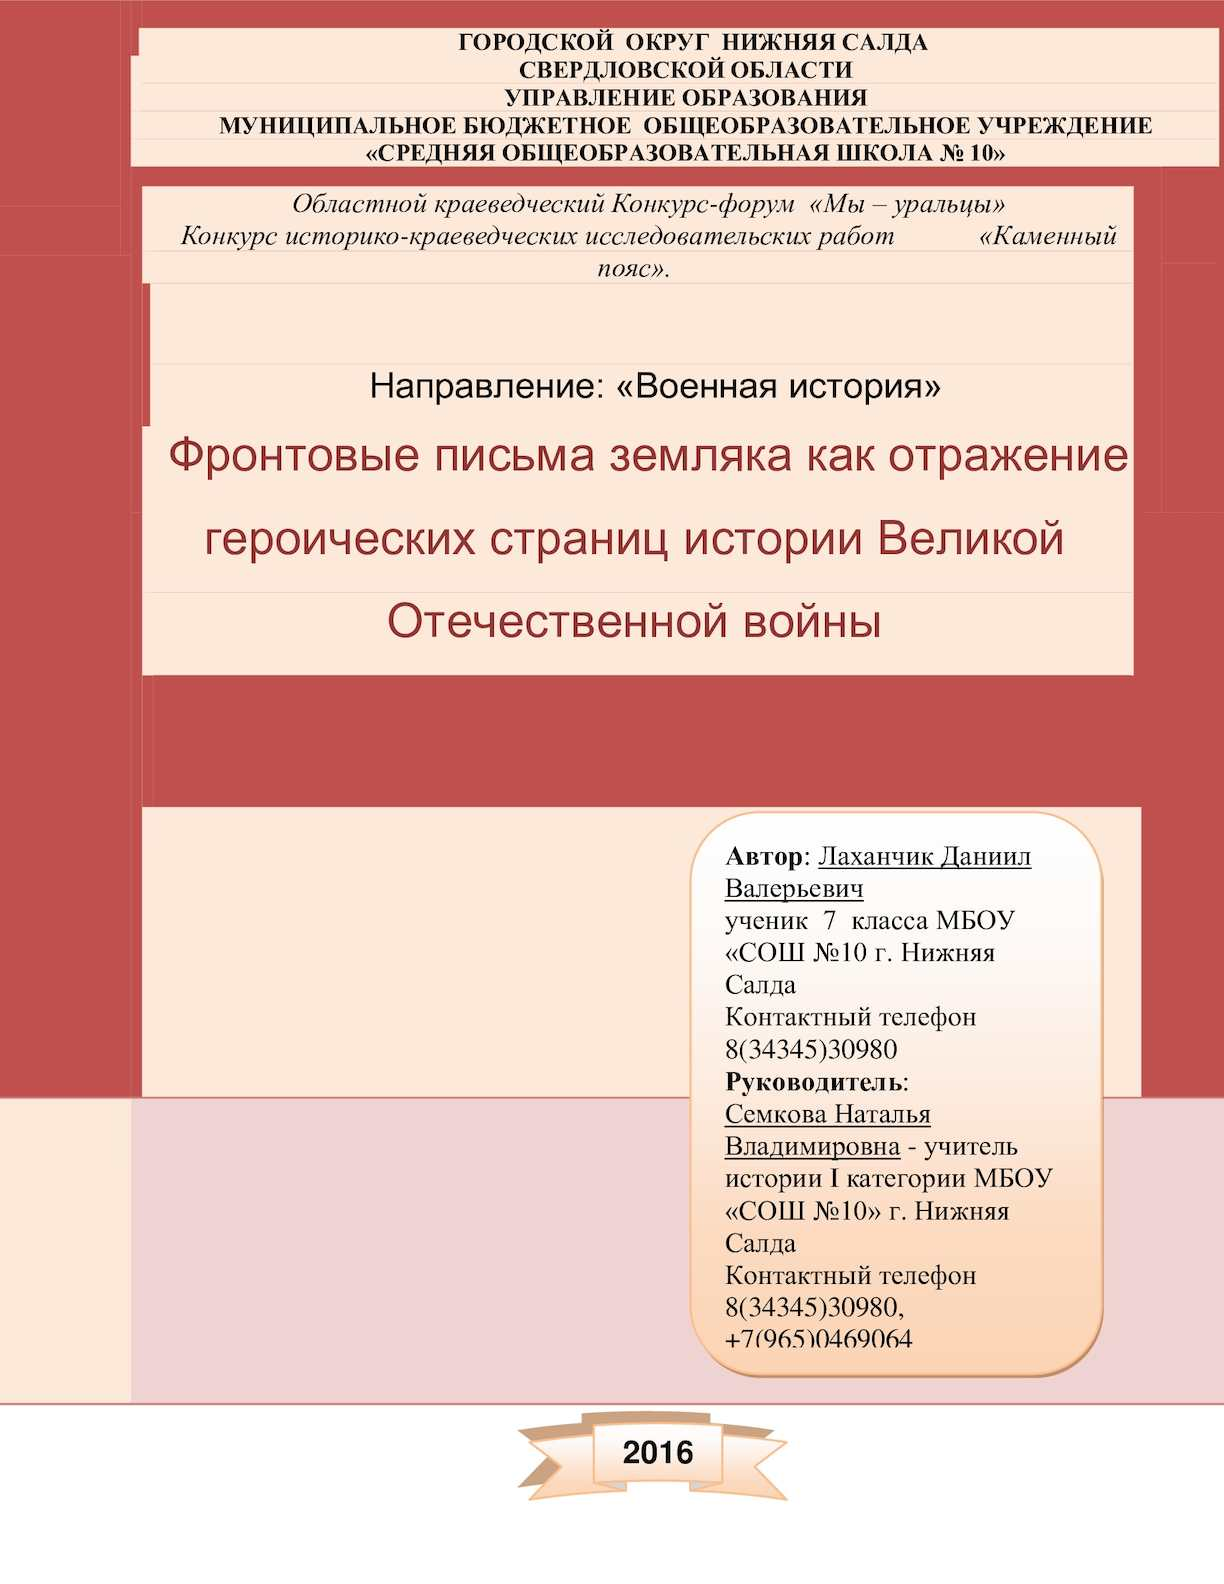 010 приказ министра обороны по секретке